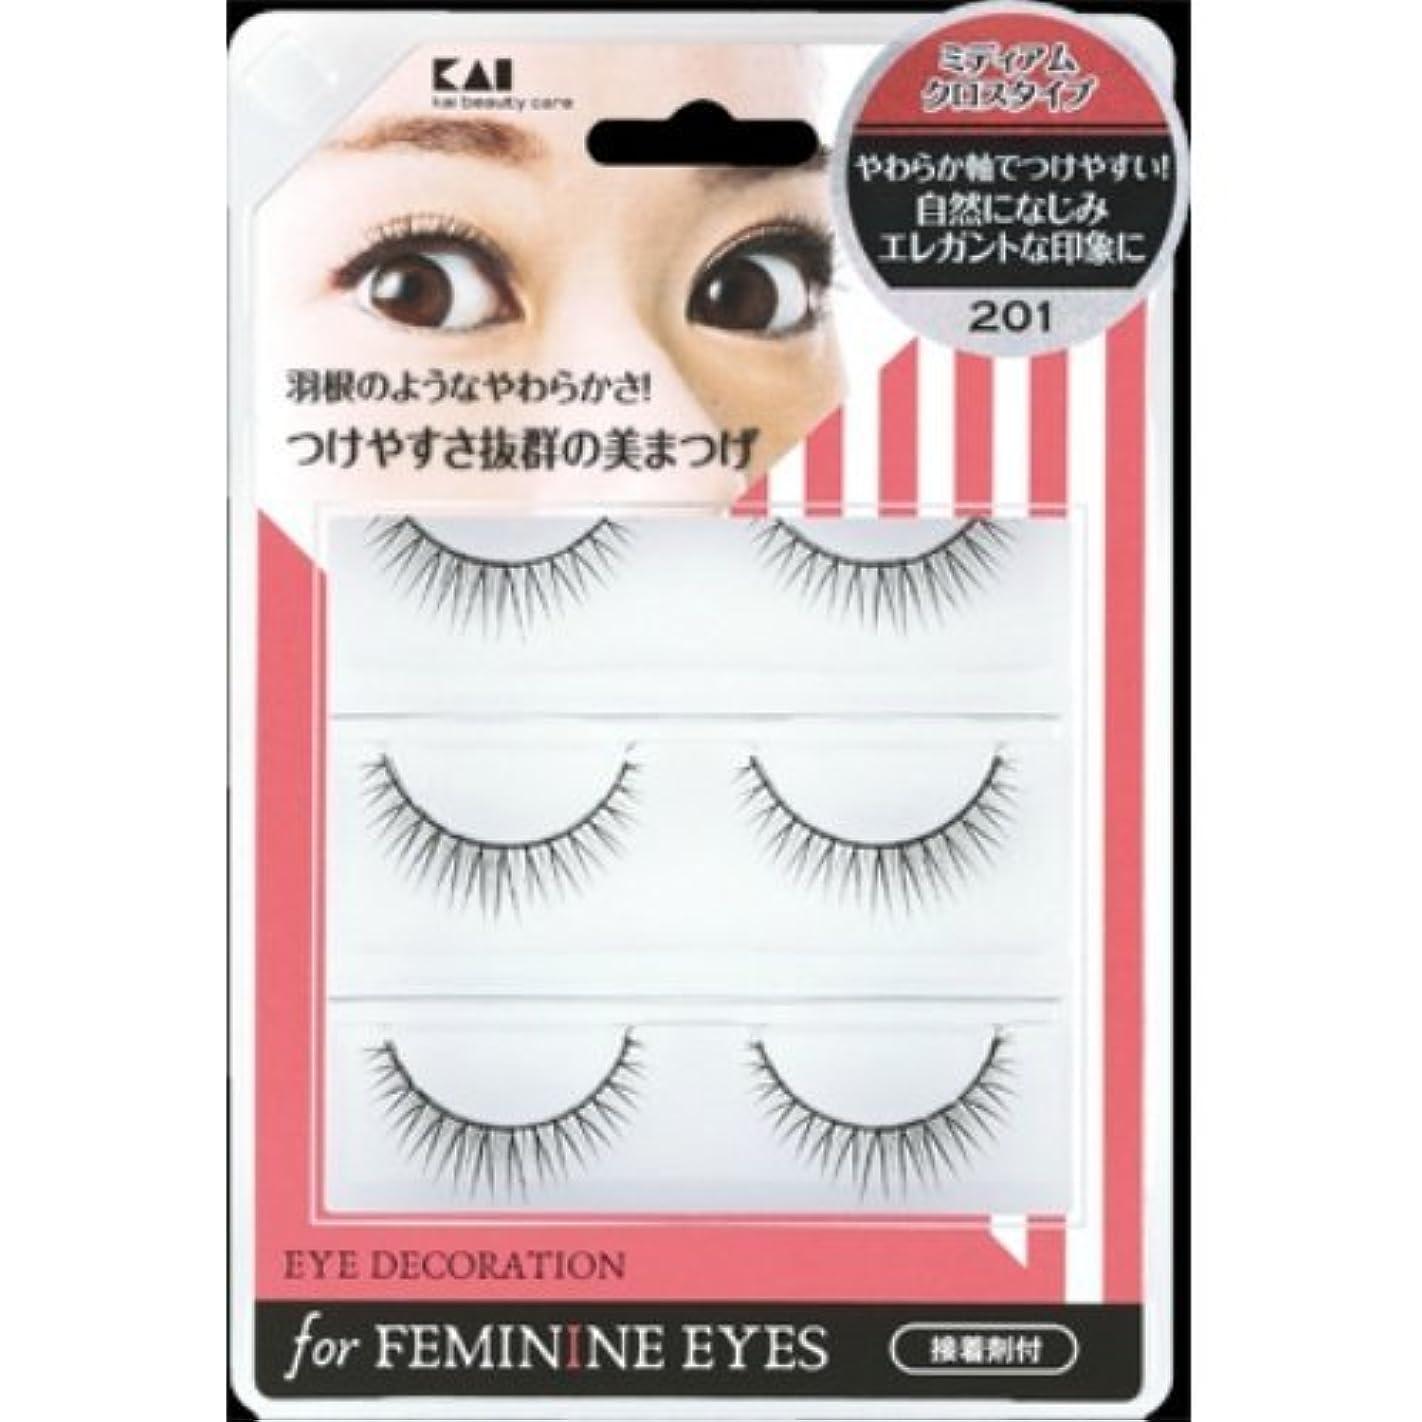 サドル摂氏おっと貝印 アイデコレーション for feminine eyes 201 HC1558